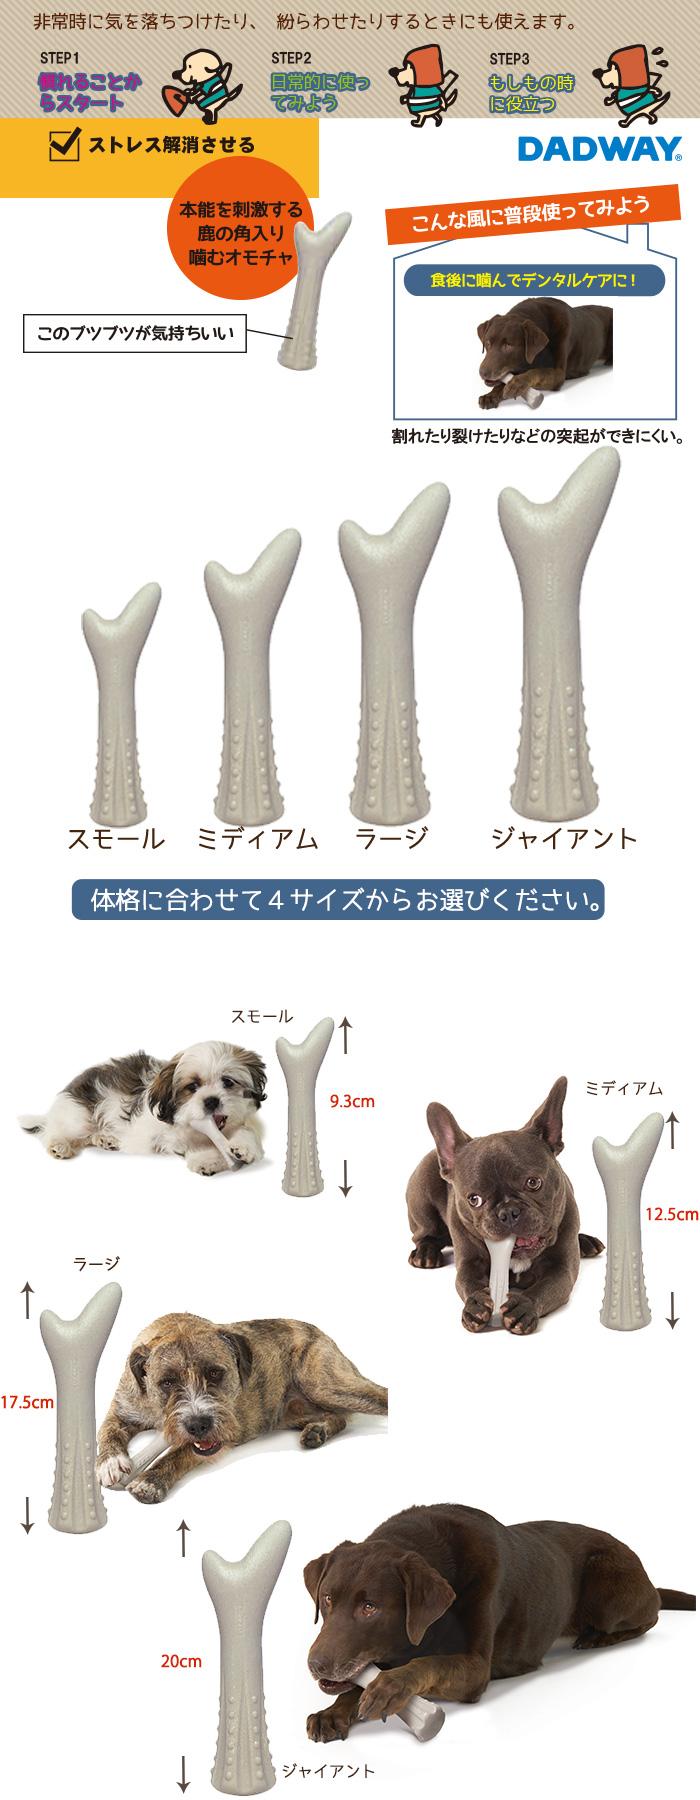 商品説明と様々な体格の犬種が食べている写真